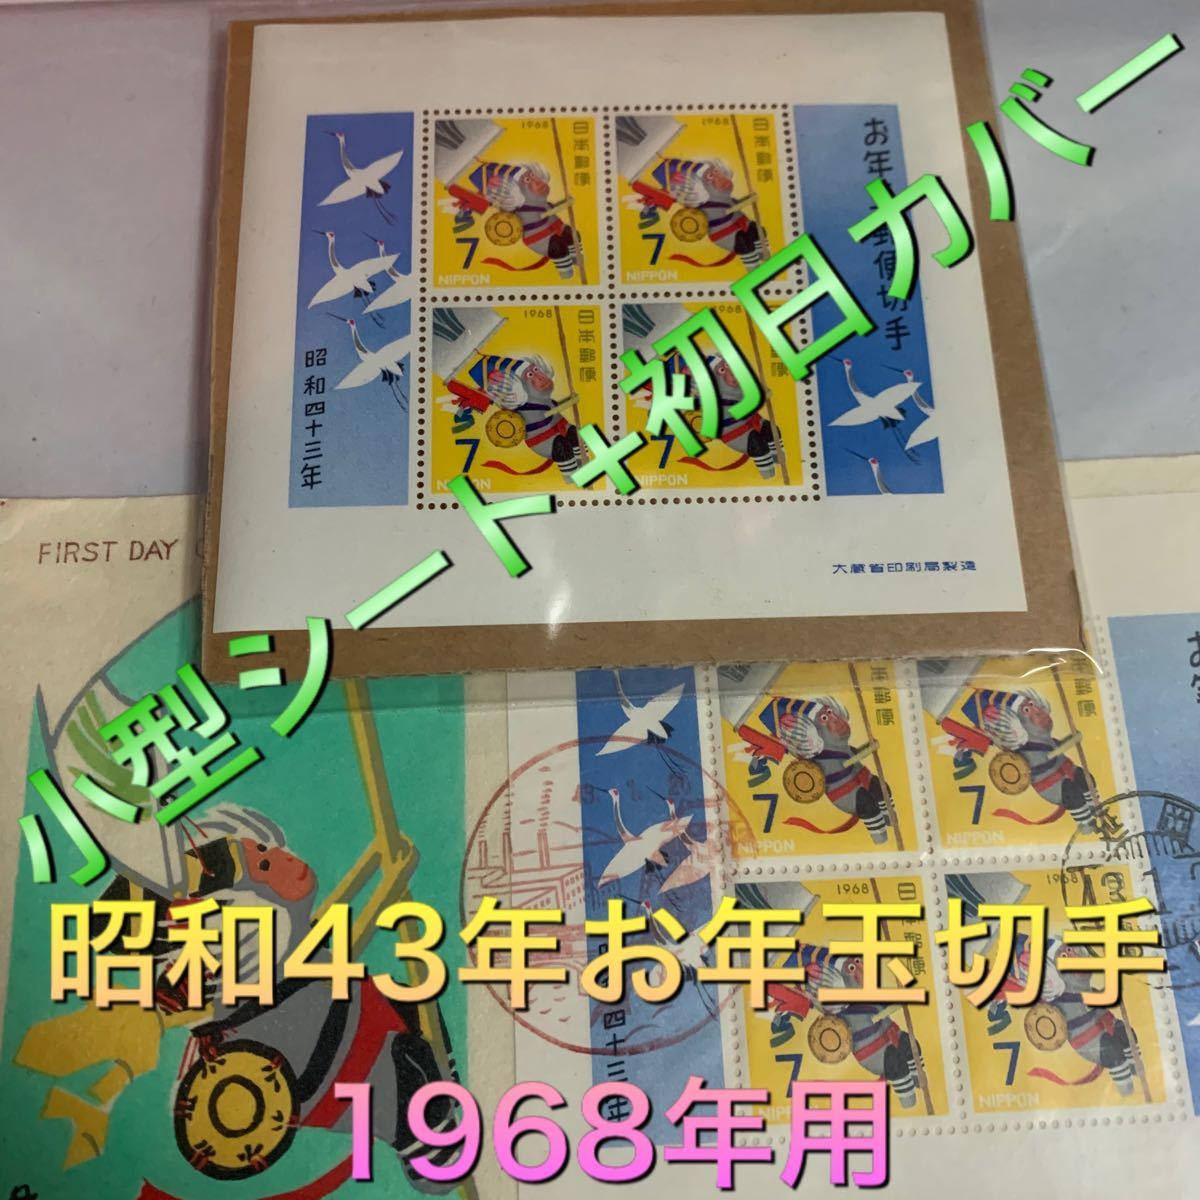 年賀切手  お年玉切手  小型シート 昭和43年  のぼりざる 初日カバー付き